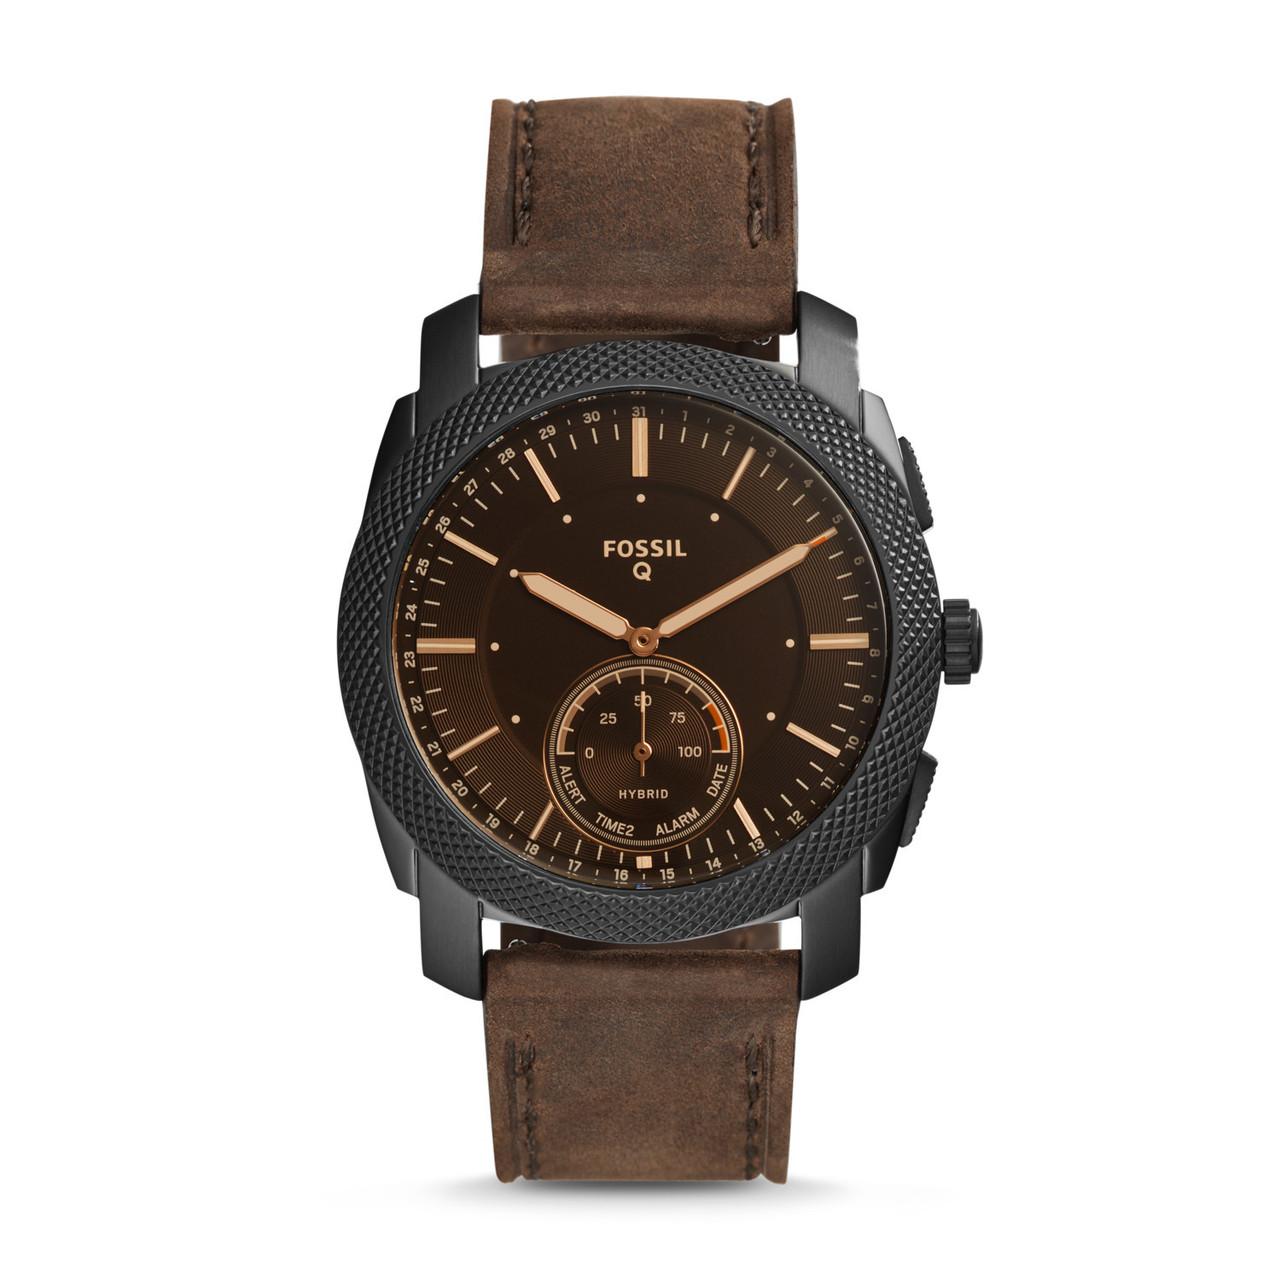 Fossil Hybrid Smartwatch Machine Dark FTW1163